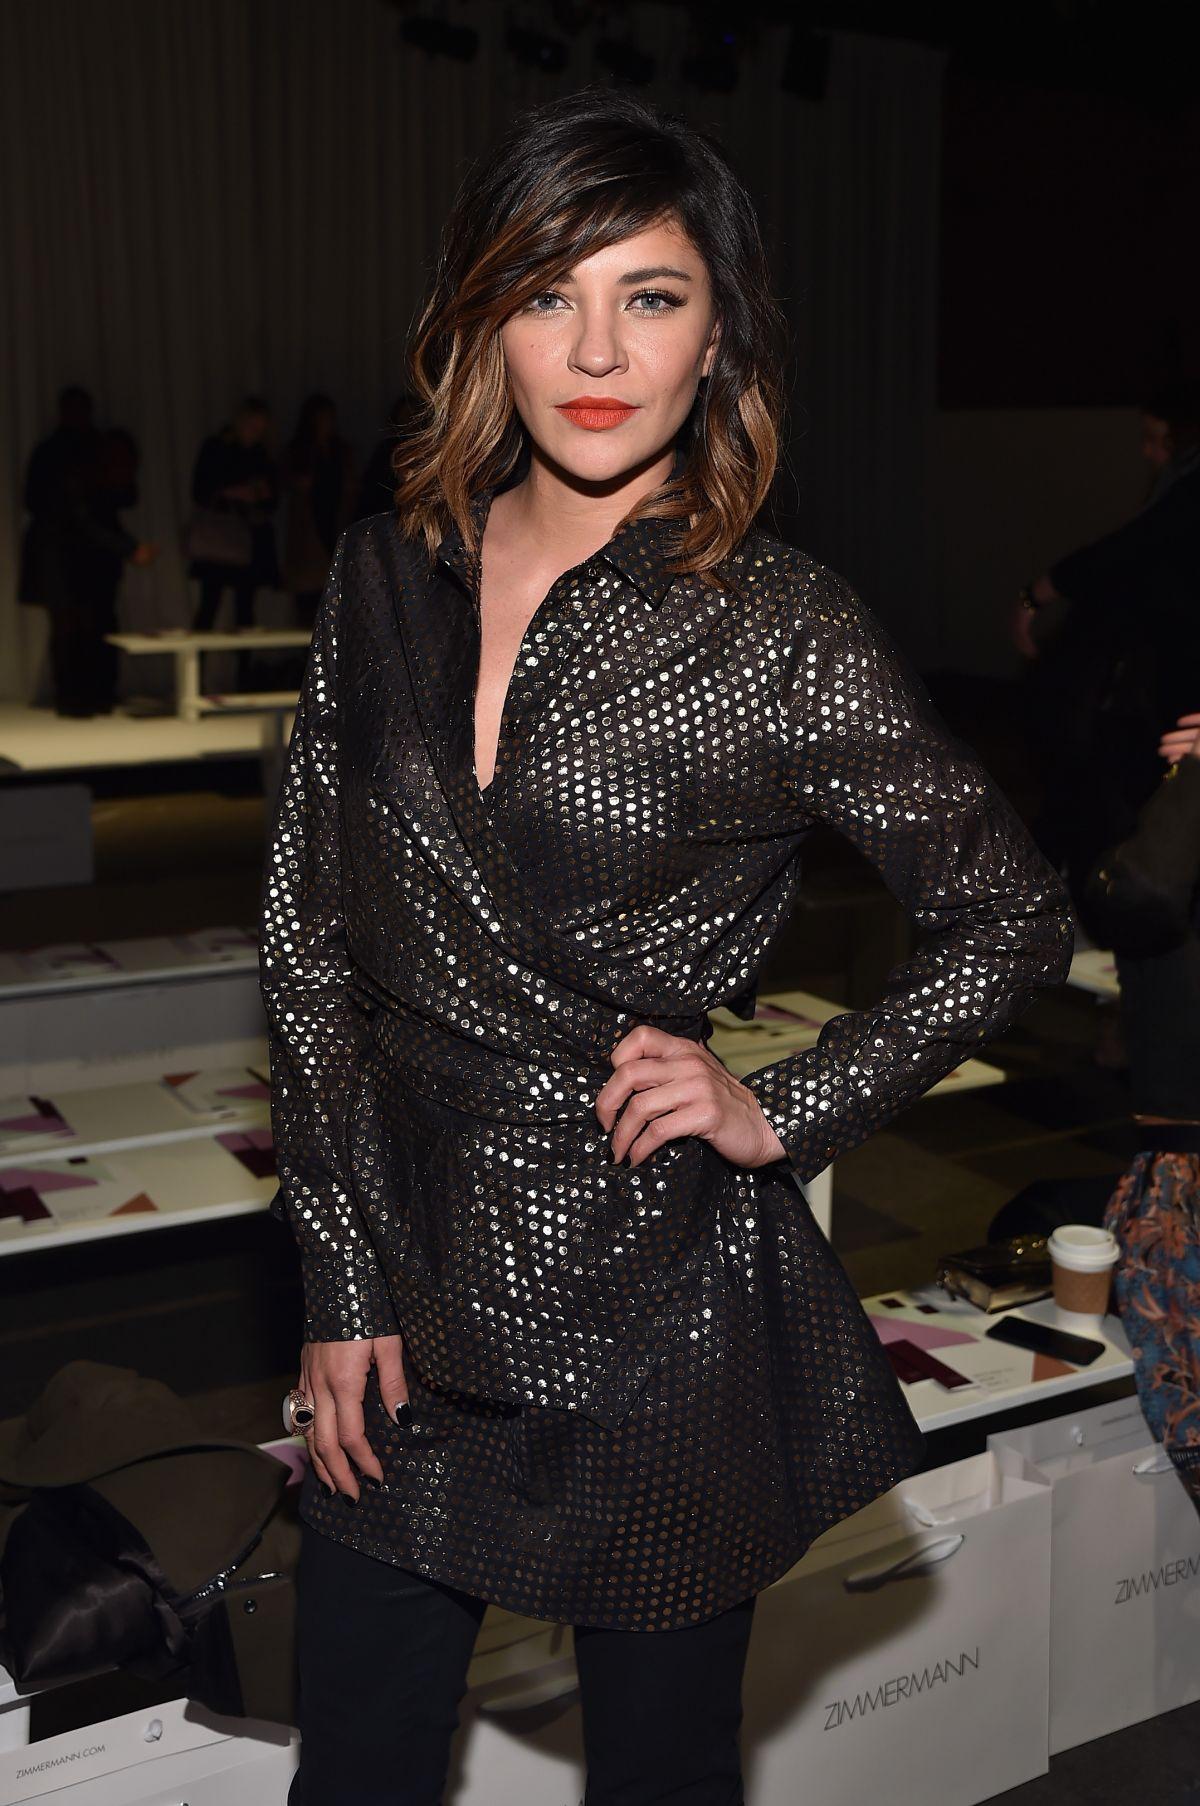 JESSICA SZOHR at Zimmermann Fashion Show in New York